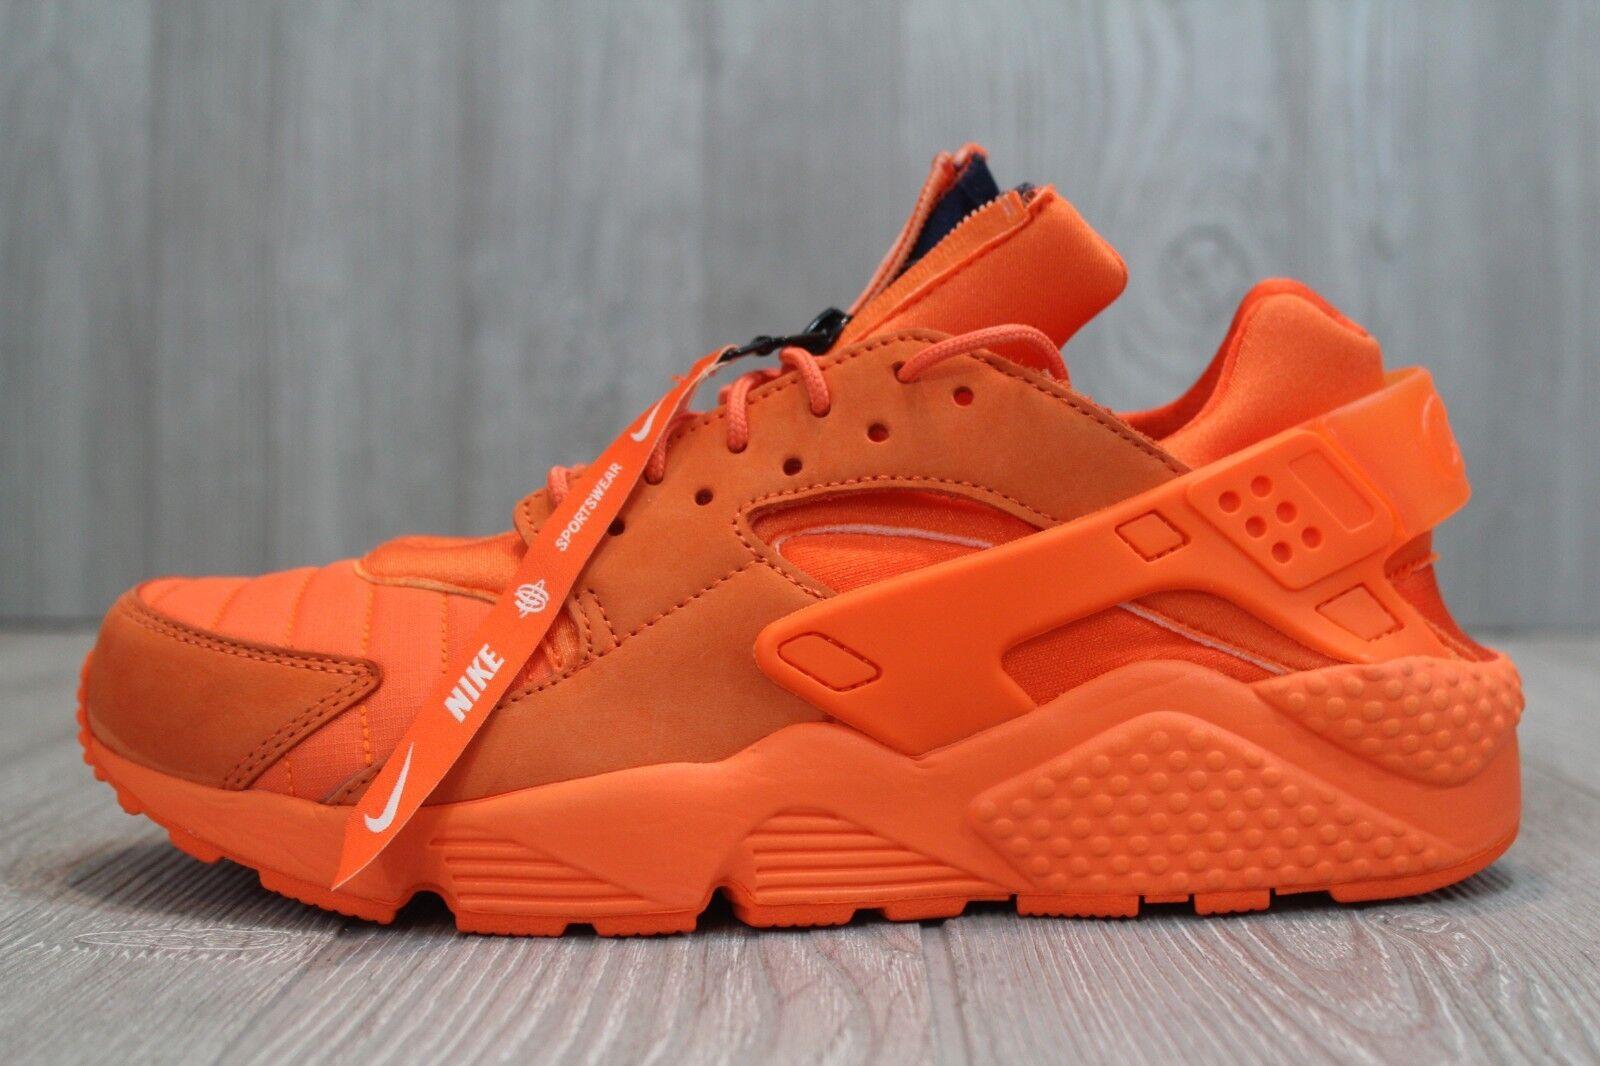 32 Nike Air Huarache Run QS Chicago Men's Shoes Orange Sizes 8.5-11.5 AJ5578 800